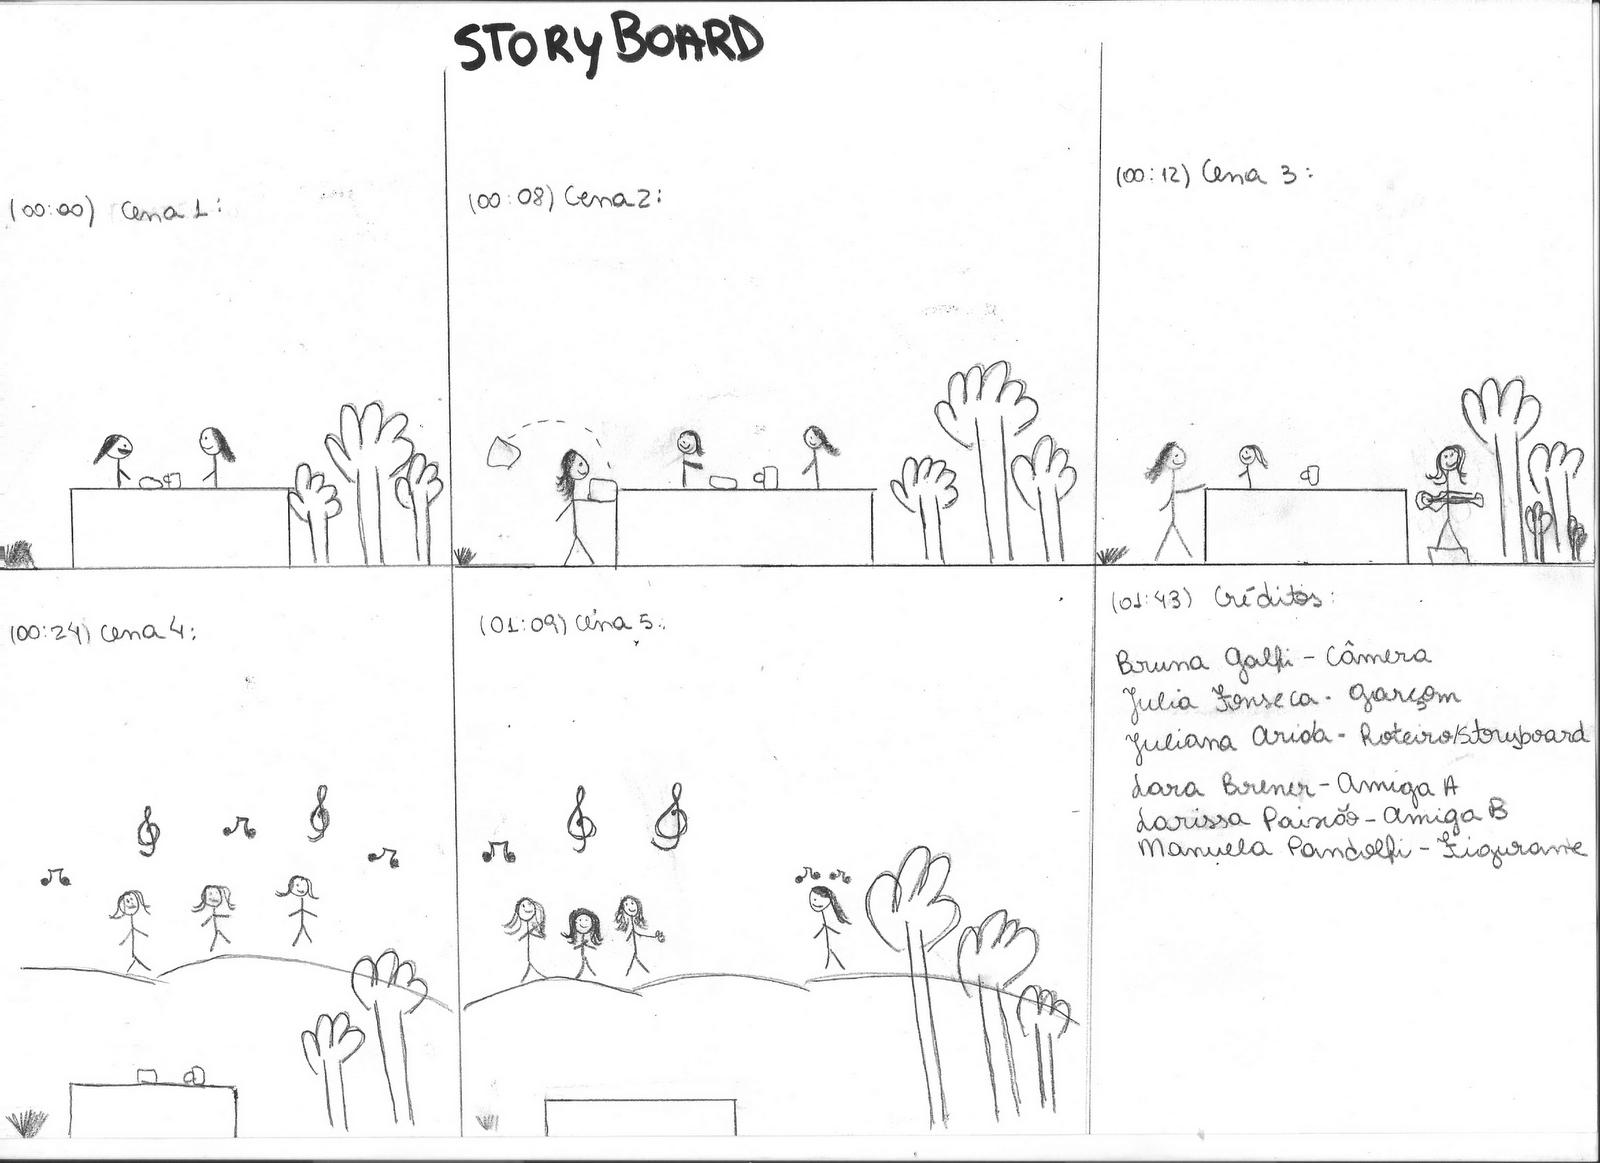 http://2.bp.blogspot.com/-qT6OI0MazPc/TevSxIj-04I/AAAAAAAAABw/TtgkBAP8yyE/s1600/storyboard.png